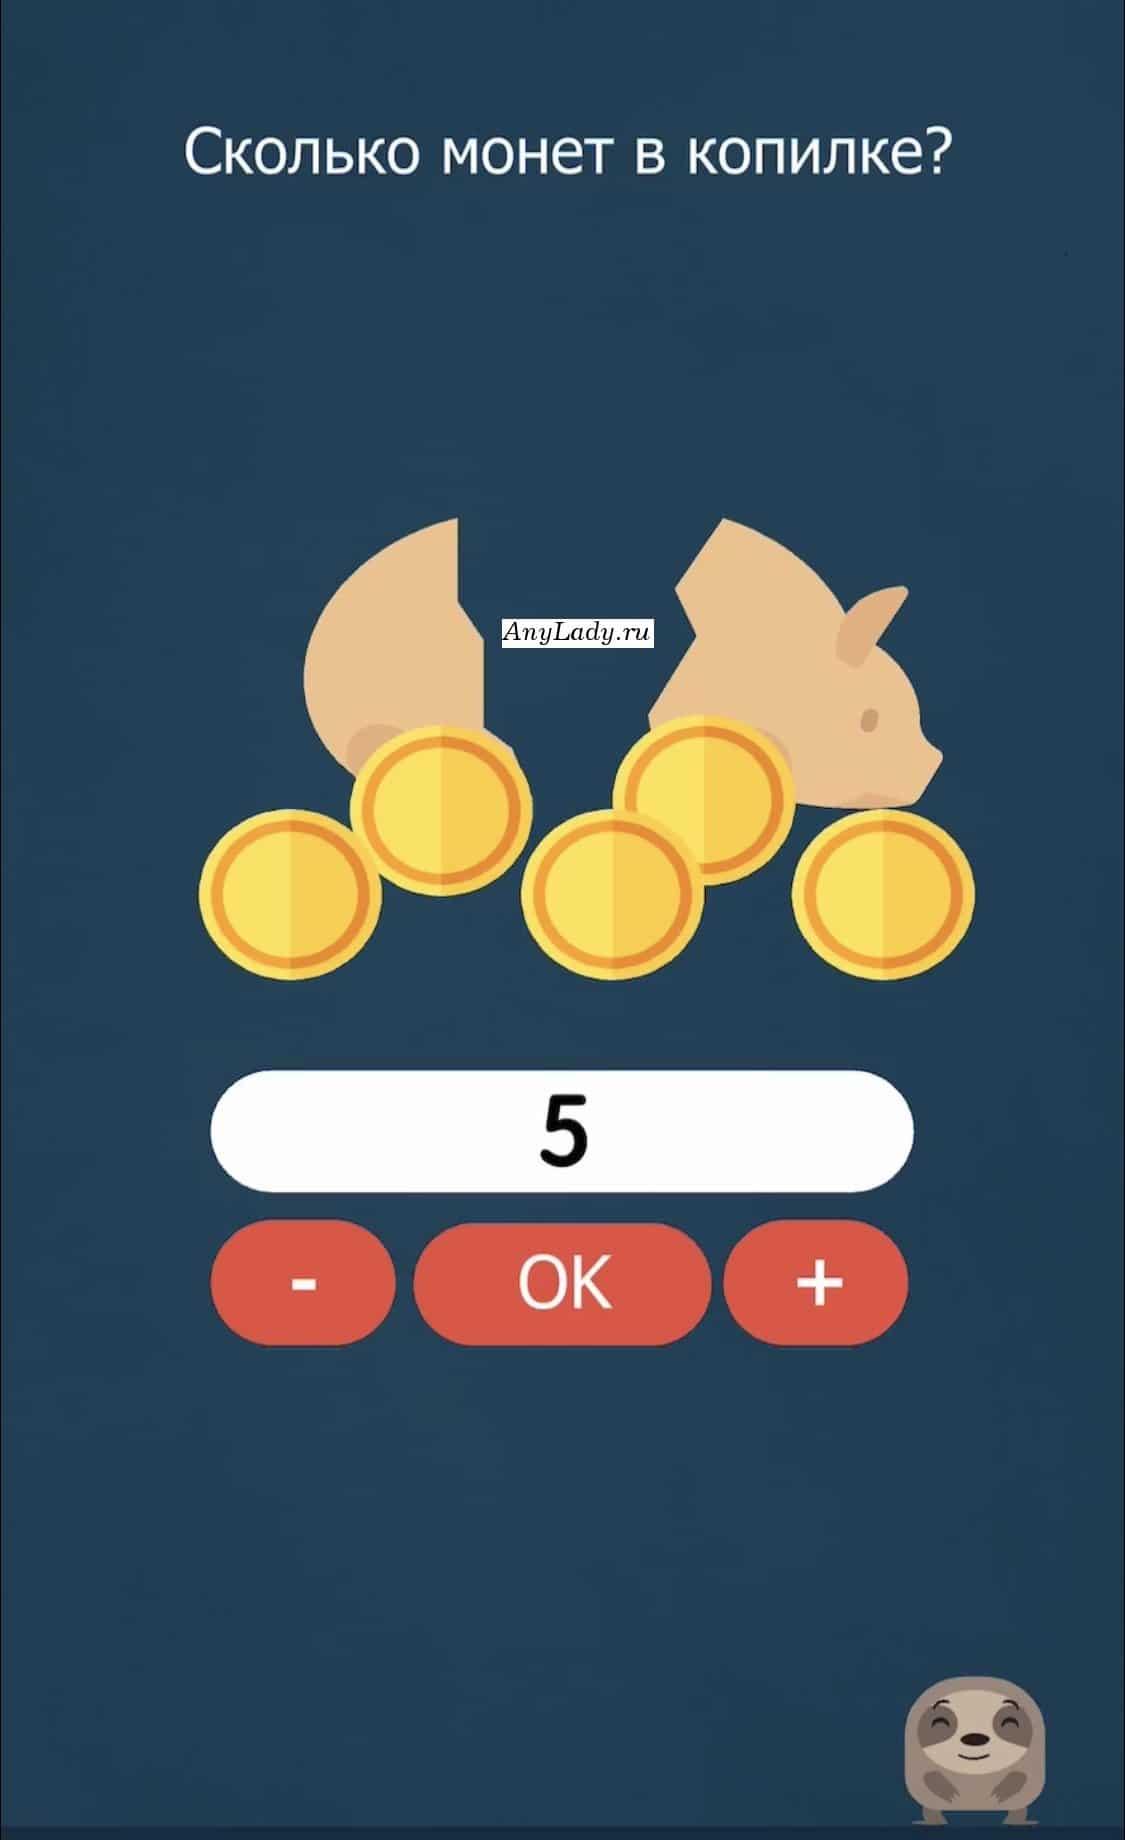 Бейте пальцем по поросенку, пока не разобьется стекло. Из поросенка выпадут пять золотых монет.  Ответ: 5